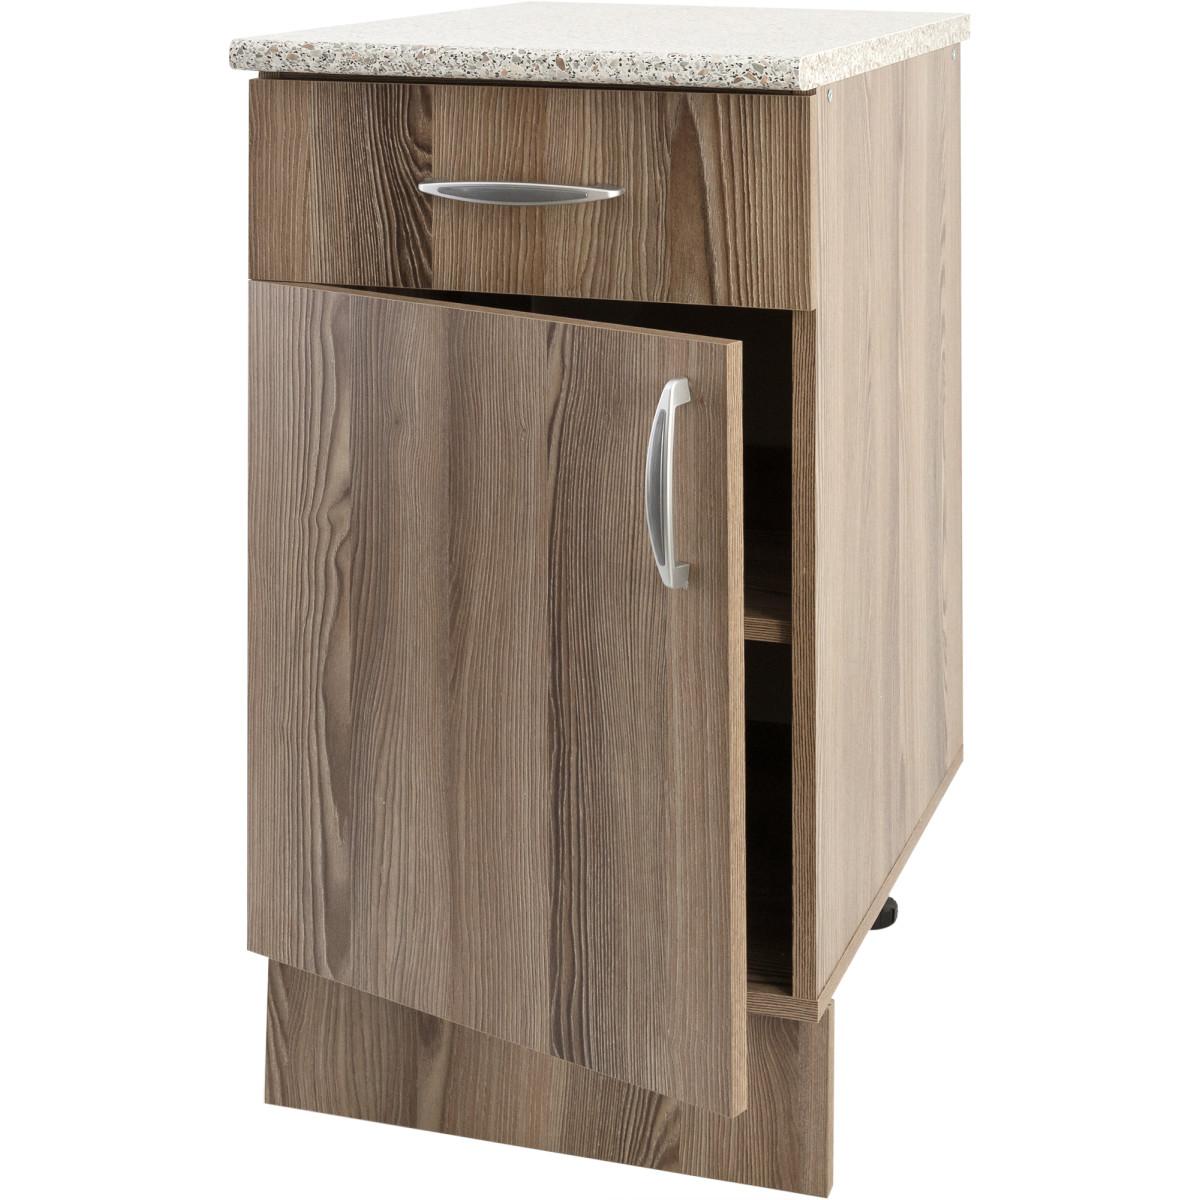 Шкаф напольный Delinia Дуб Шато Аква 40x85х60 см ЛДСП цвет коричневый